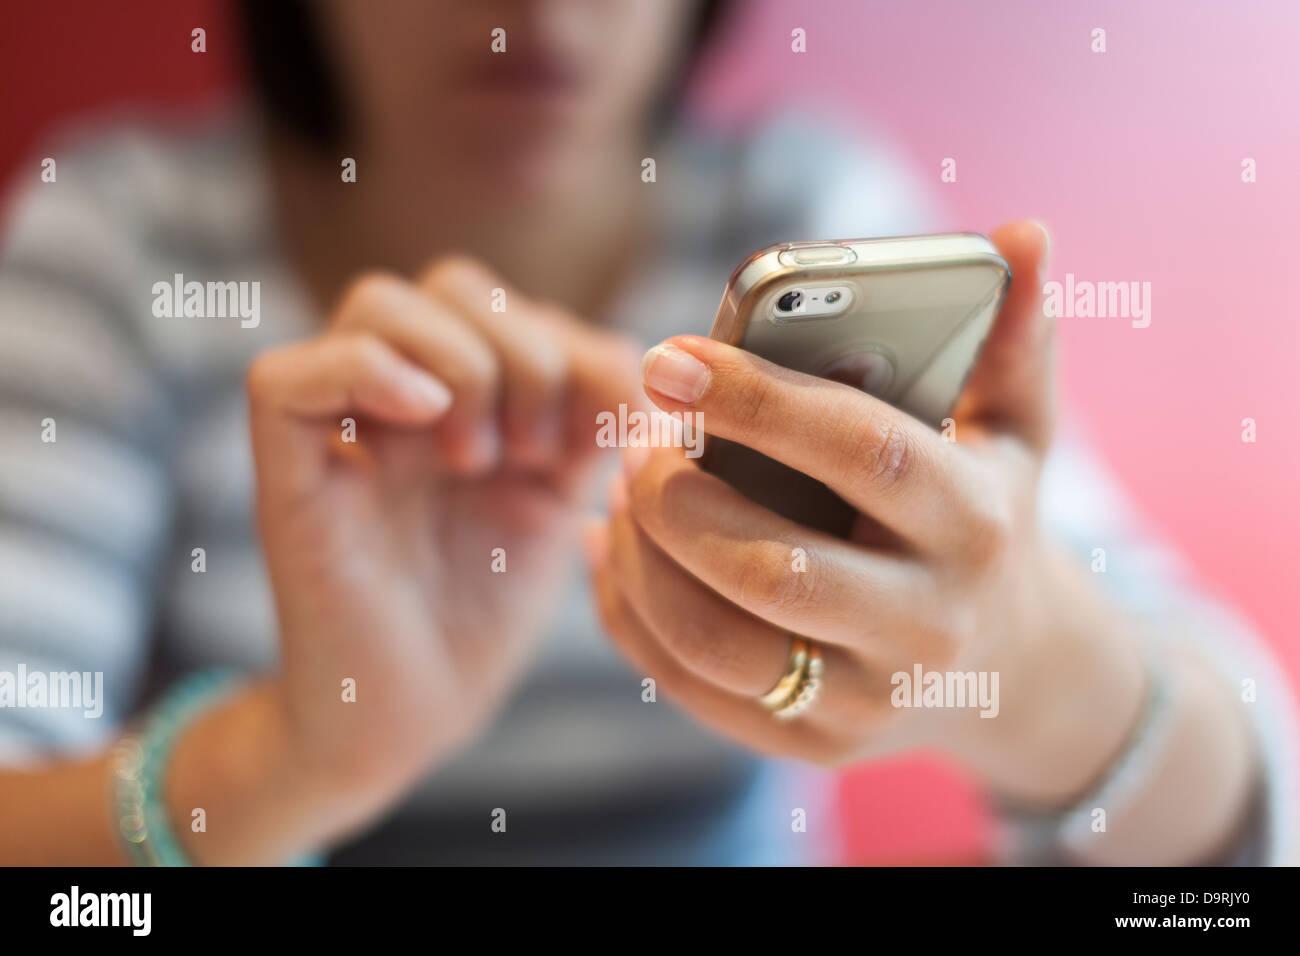 Femme à l'aide d'un téléphone mobile à écran tactile-selective focus Photo Stock